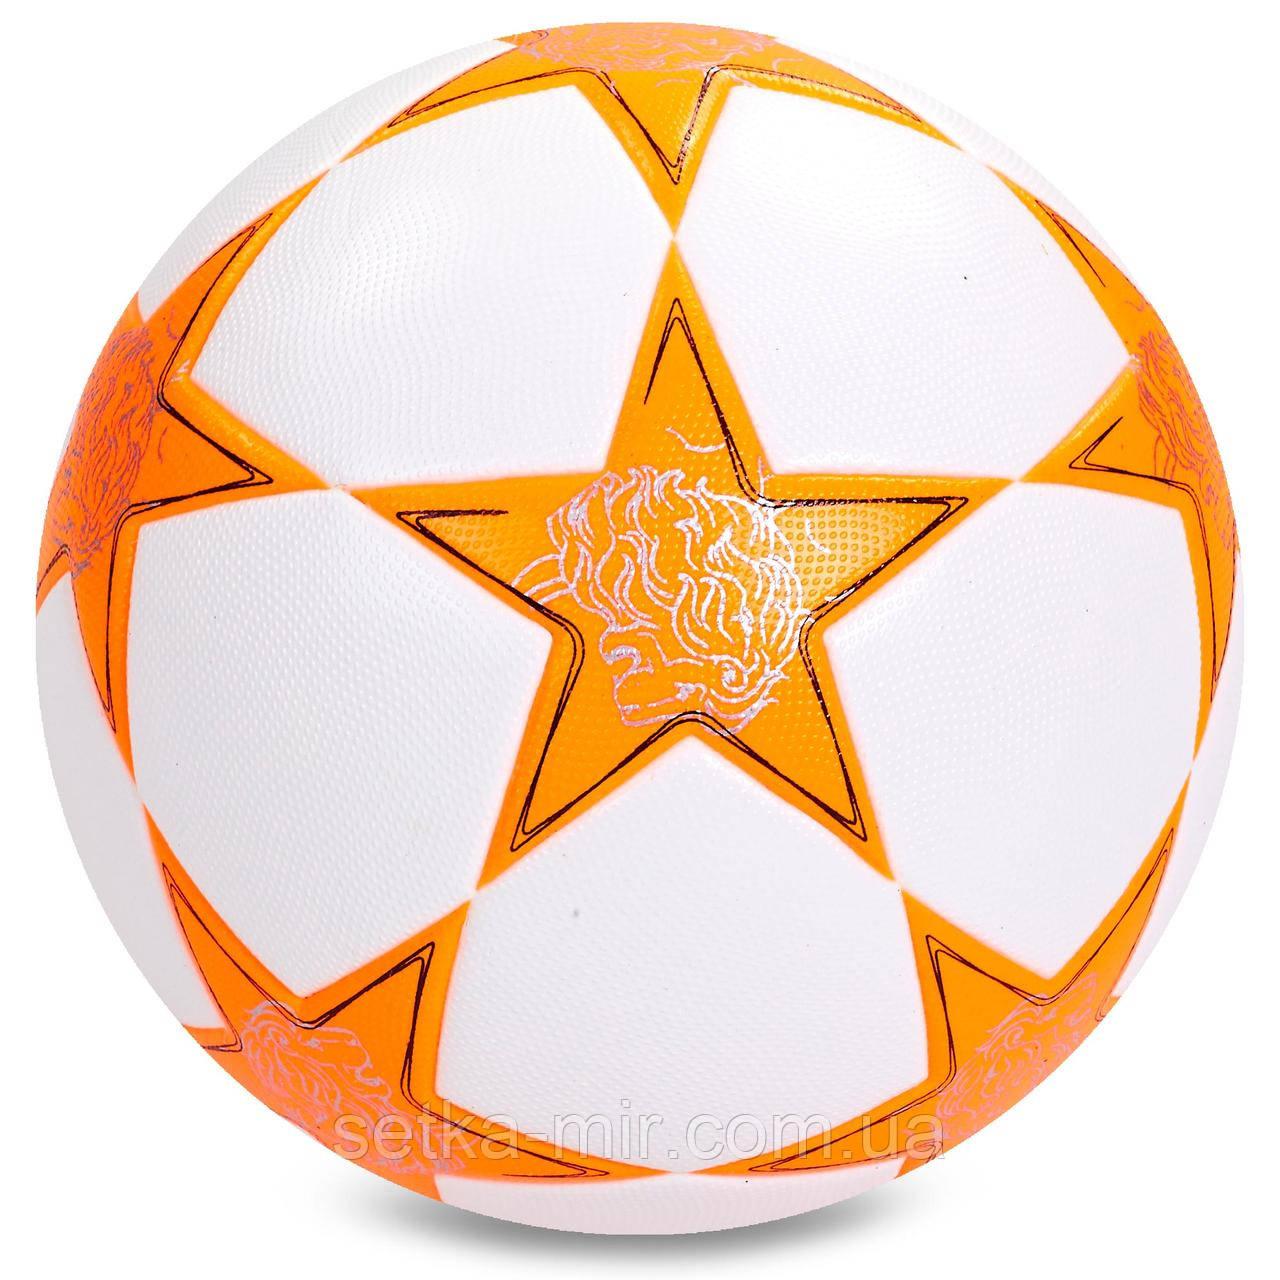 М'яч футбольний №5 PVC Клеєний CHAMPIONS LEAGUE FB-5353, №5, 5 сл. кольори в асорт., Помаранчевий